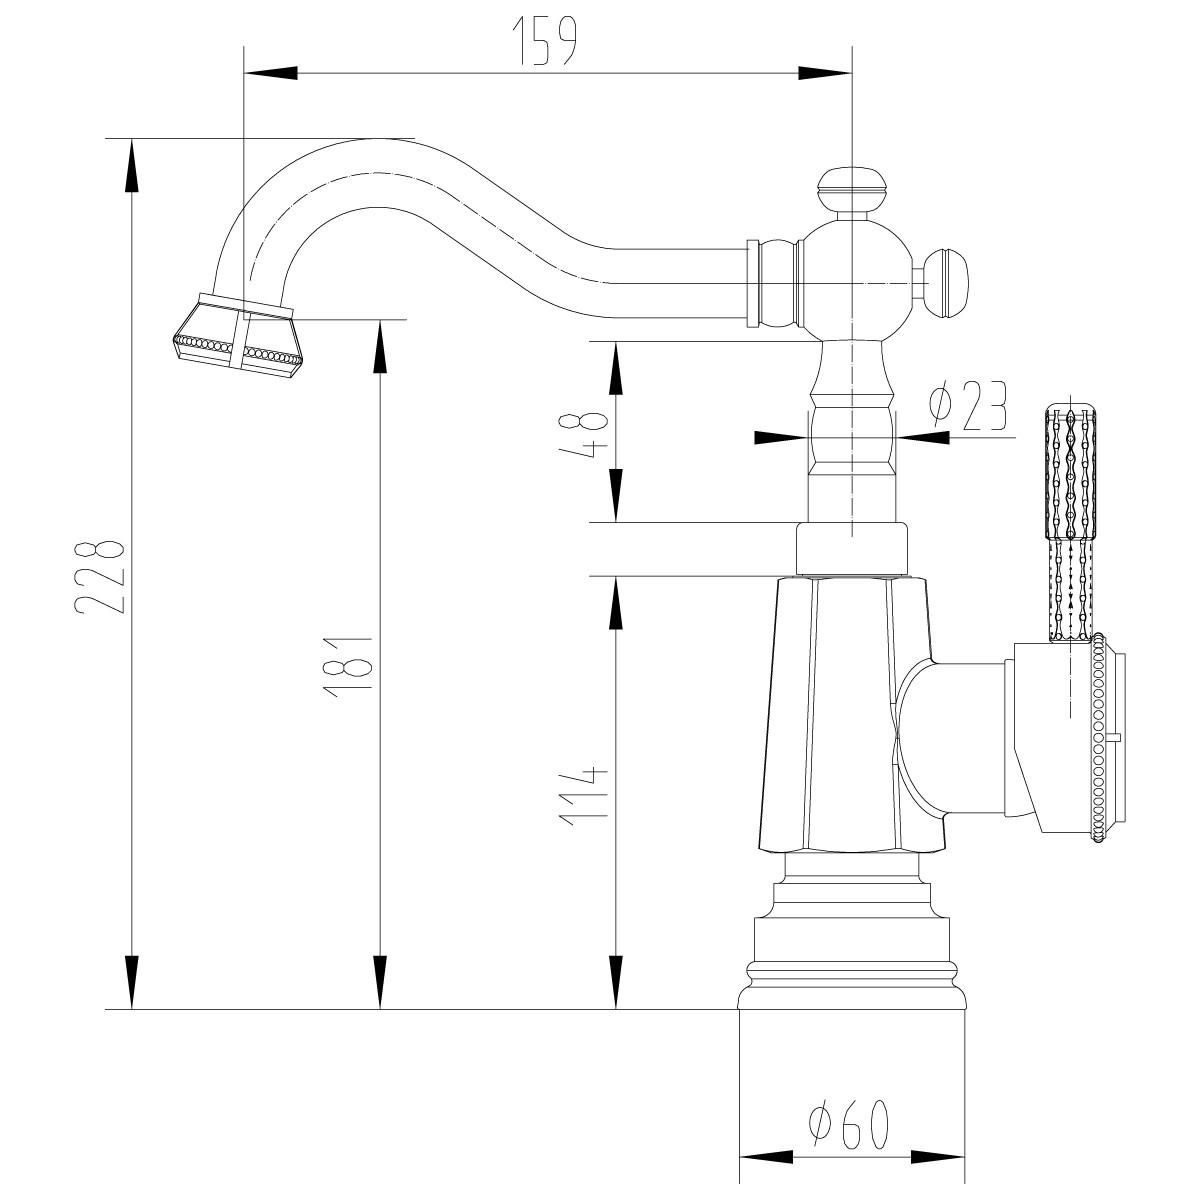 Смеситель для умывальника/кухни Lemark Jasmine LM6604ORB с поворотным изливом, черная бронза